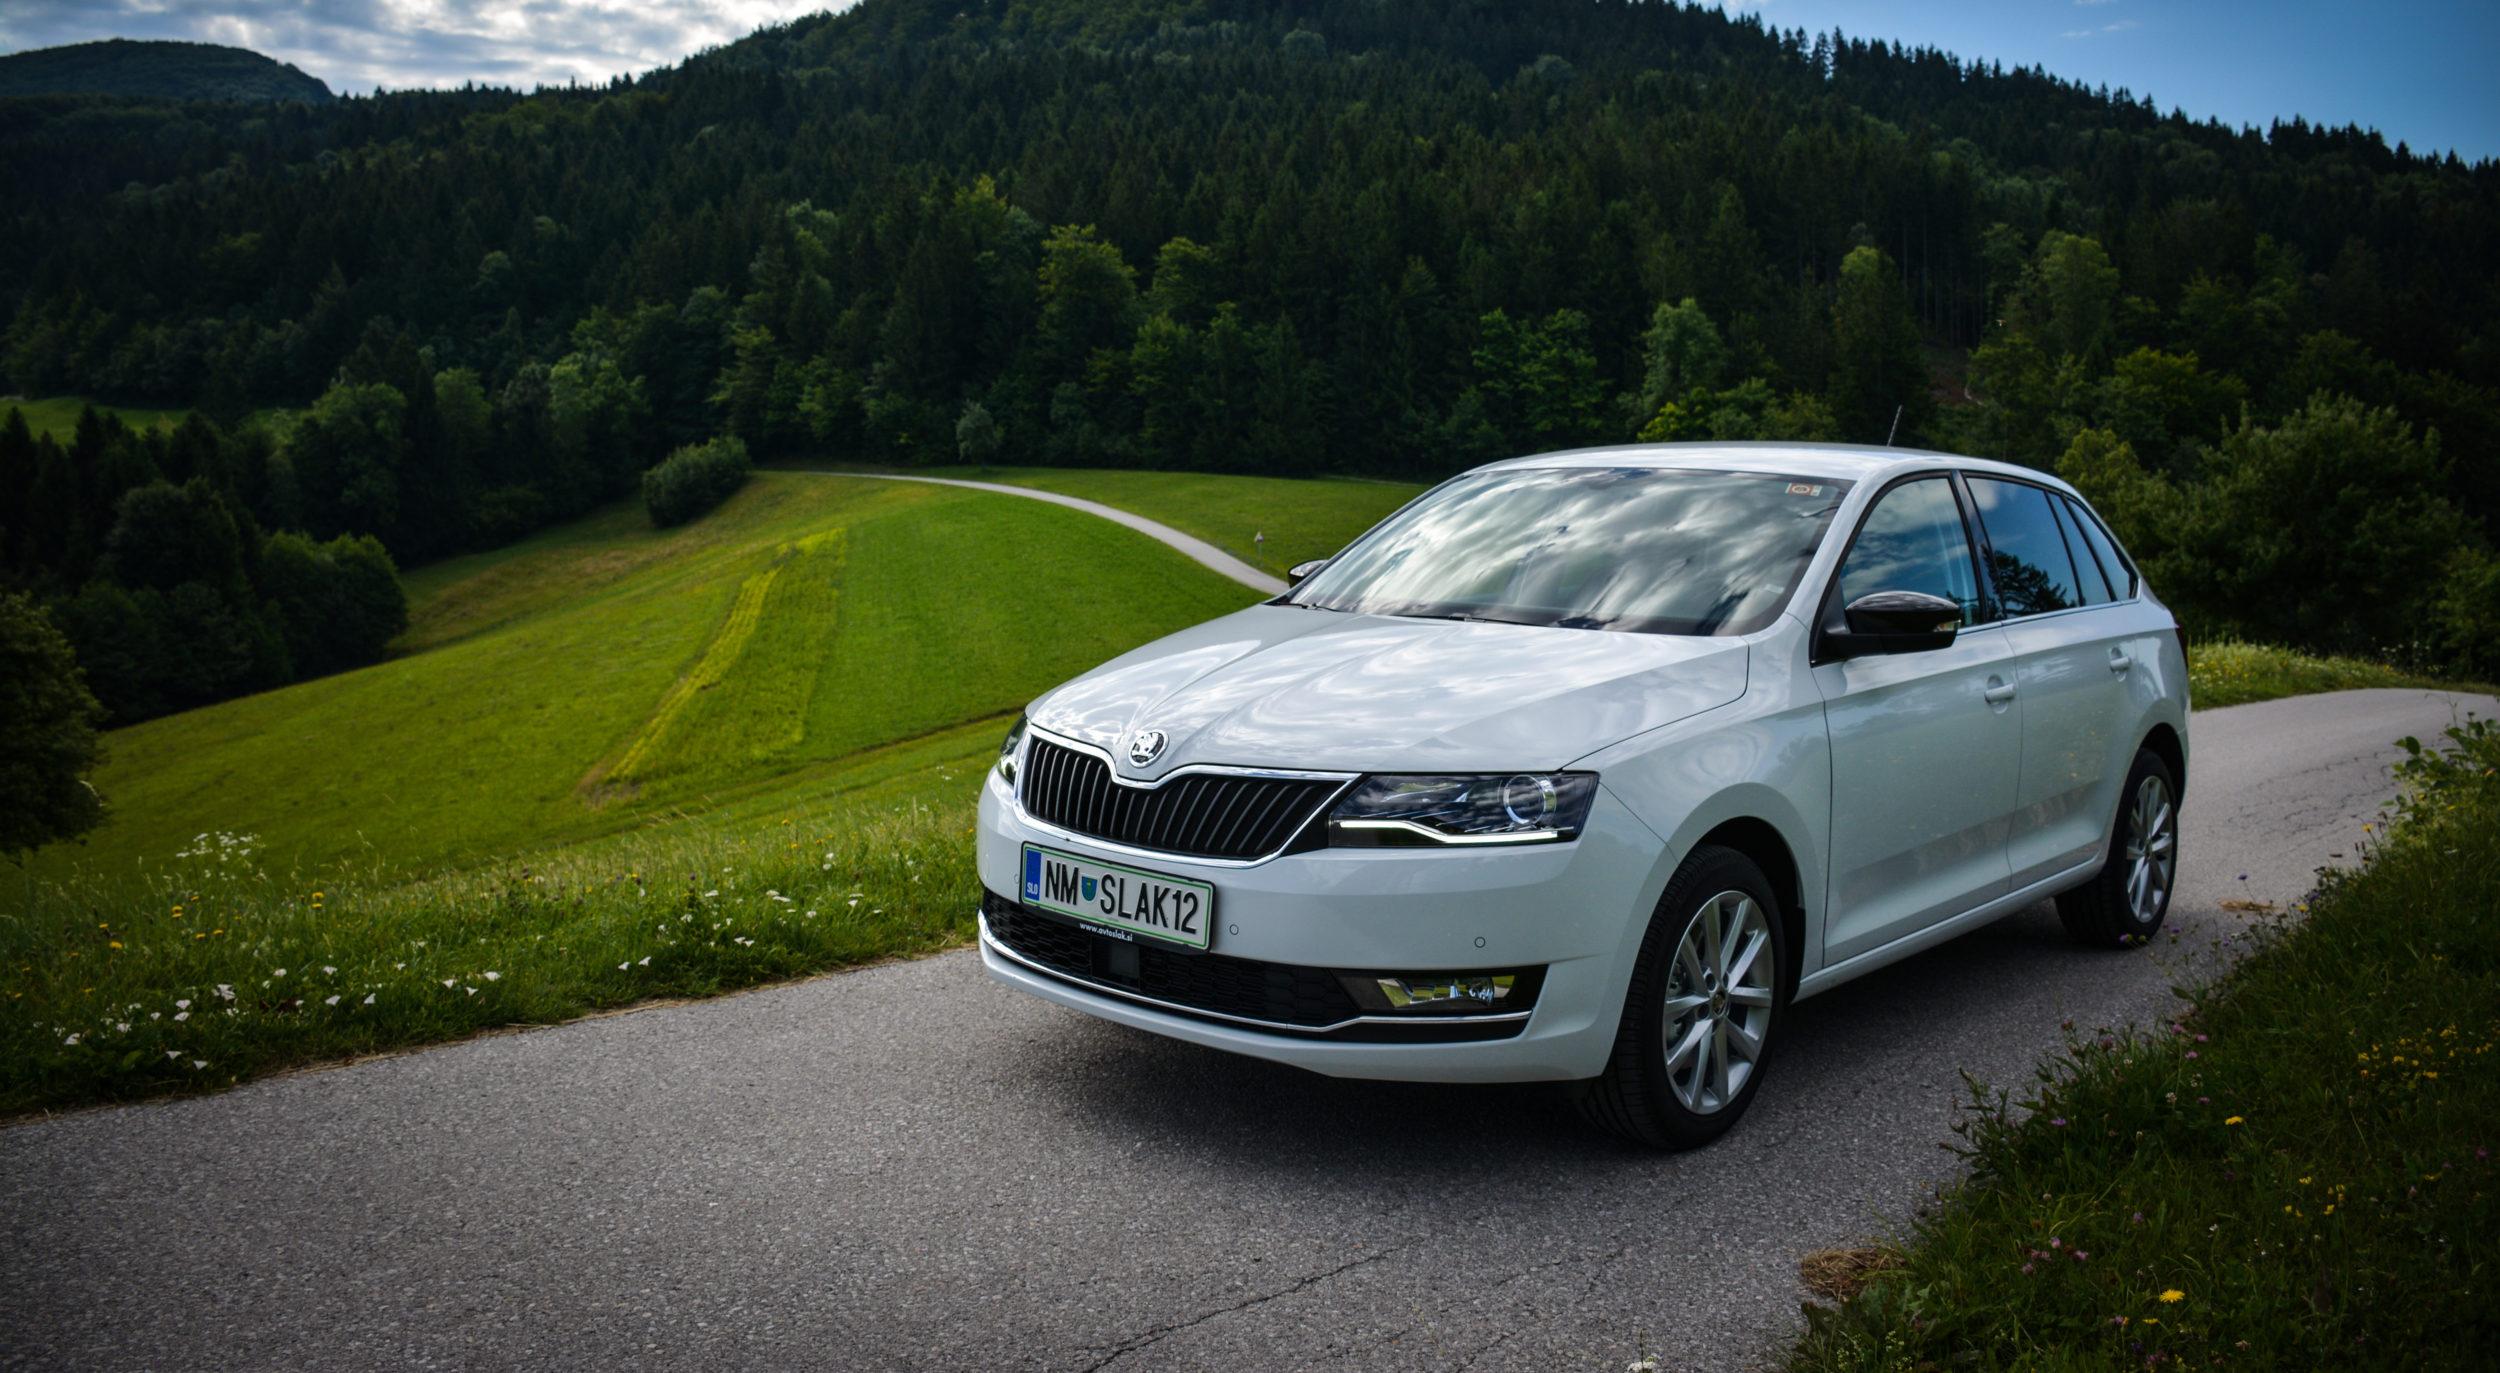 Novo doma: Škoda Rapid (osvežitev za enega od stebrov Škodinega uspeha)